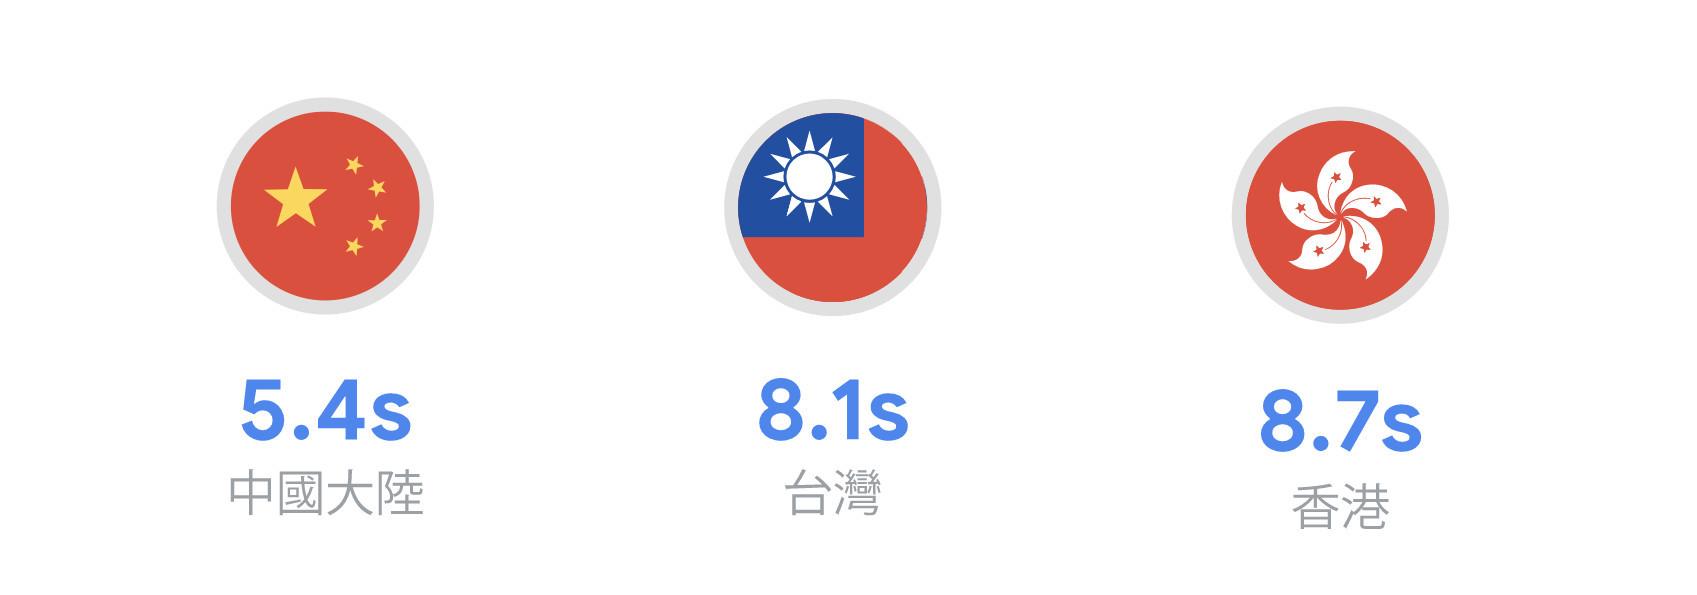 大中華區行動網站仍有改善空間,台灣平均6.7秒-鯊客科技SEO網站優化公司